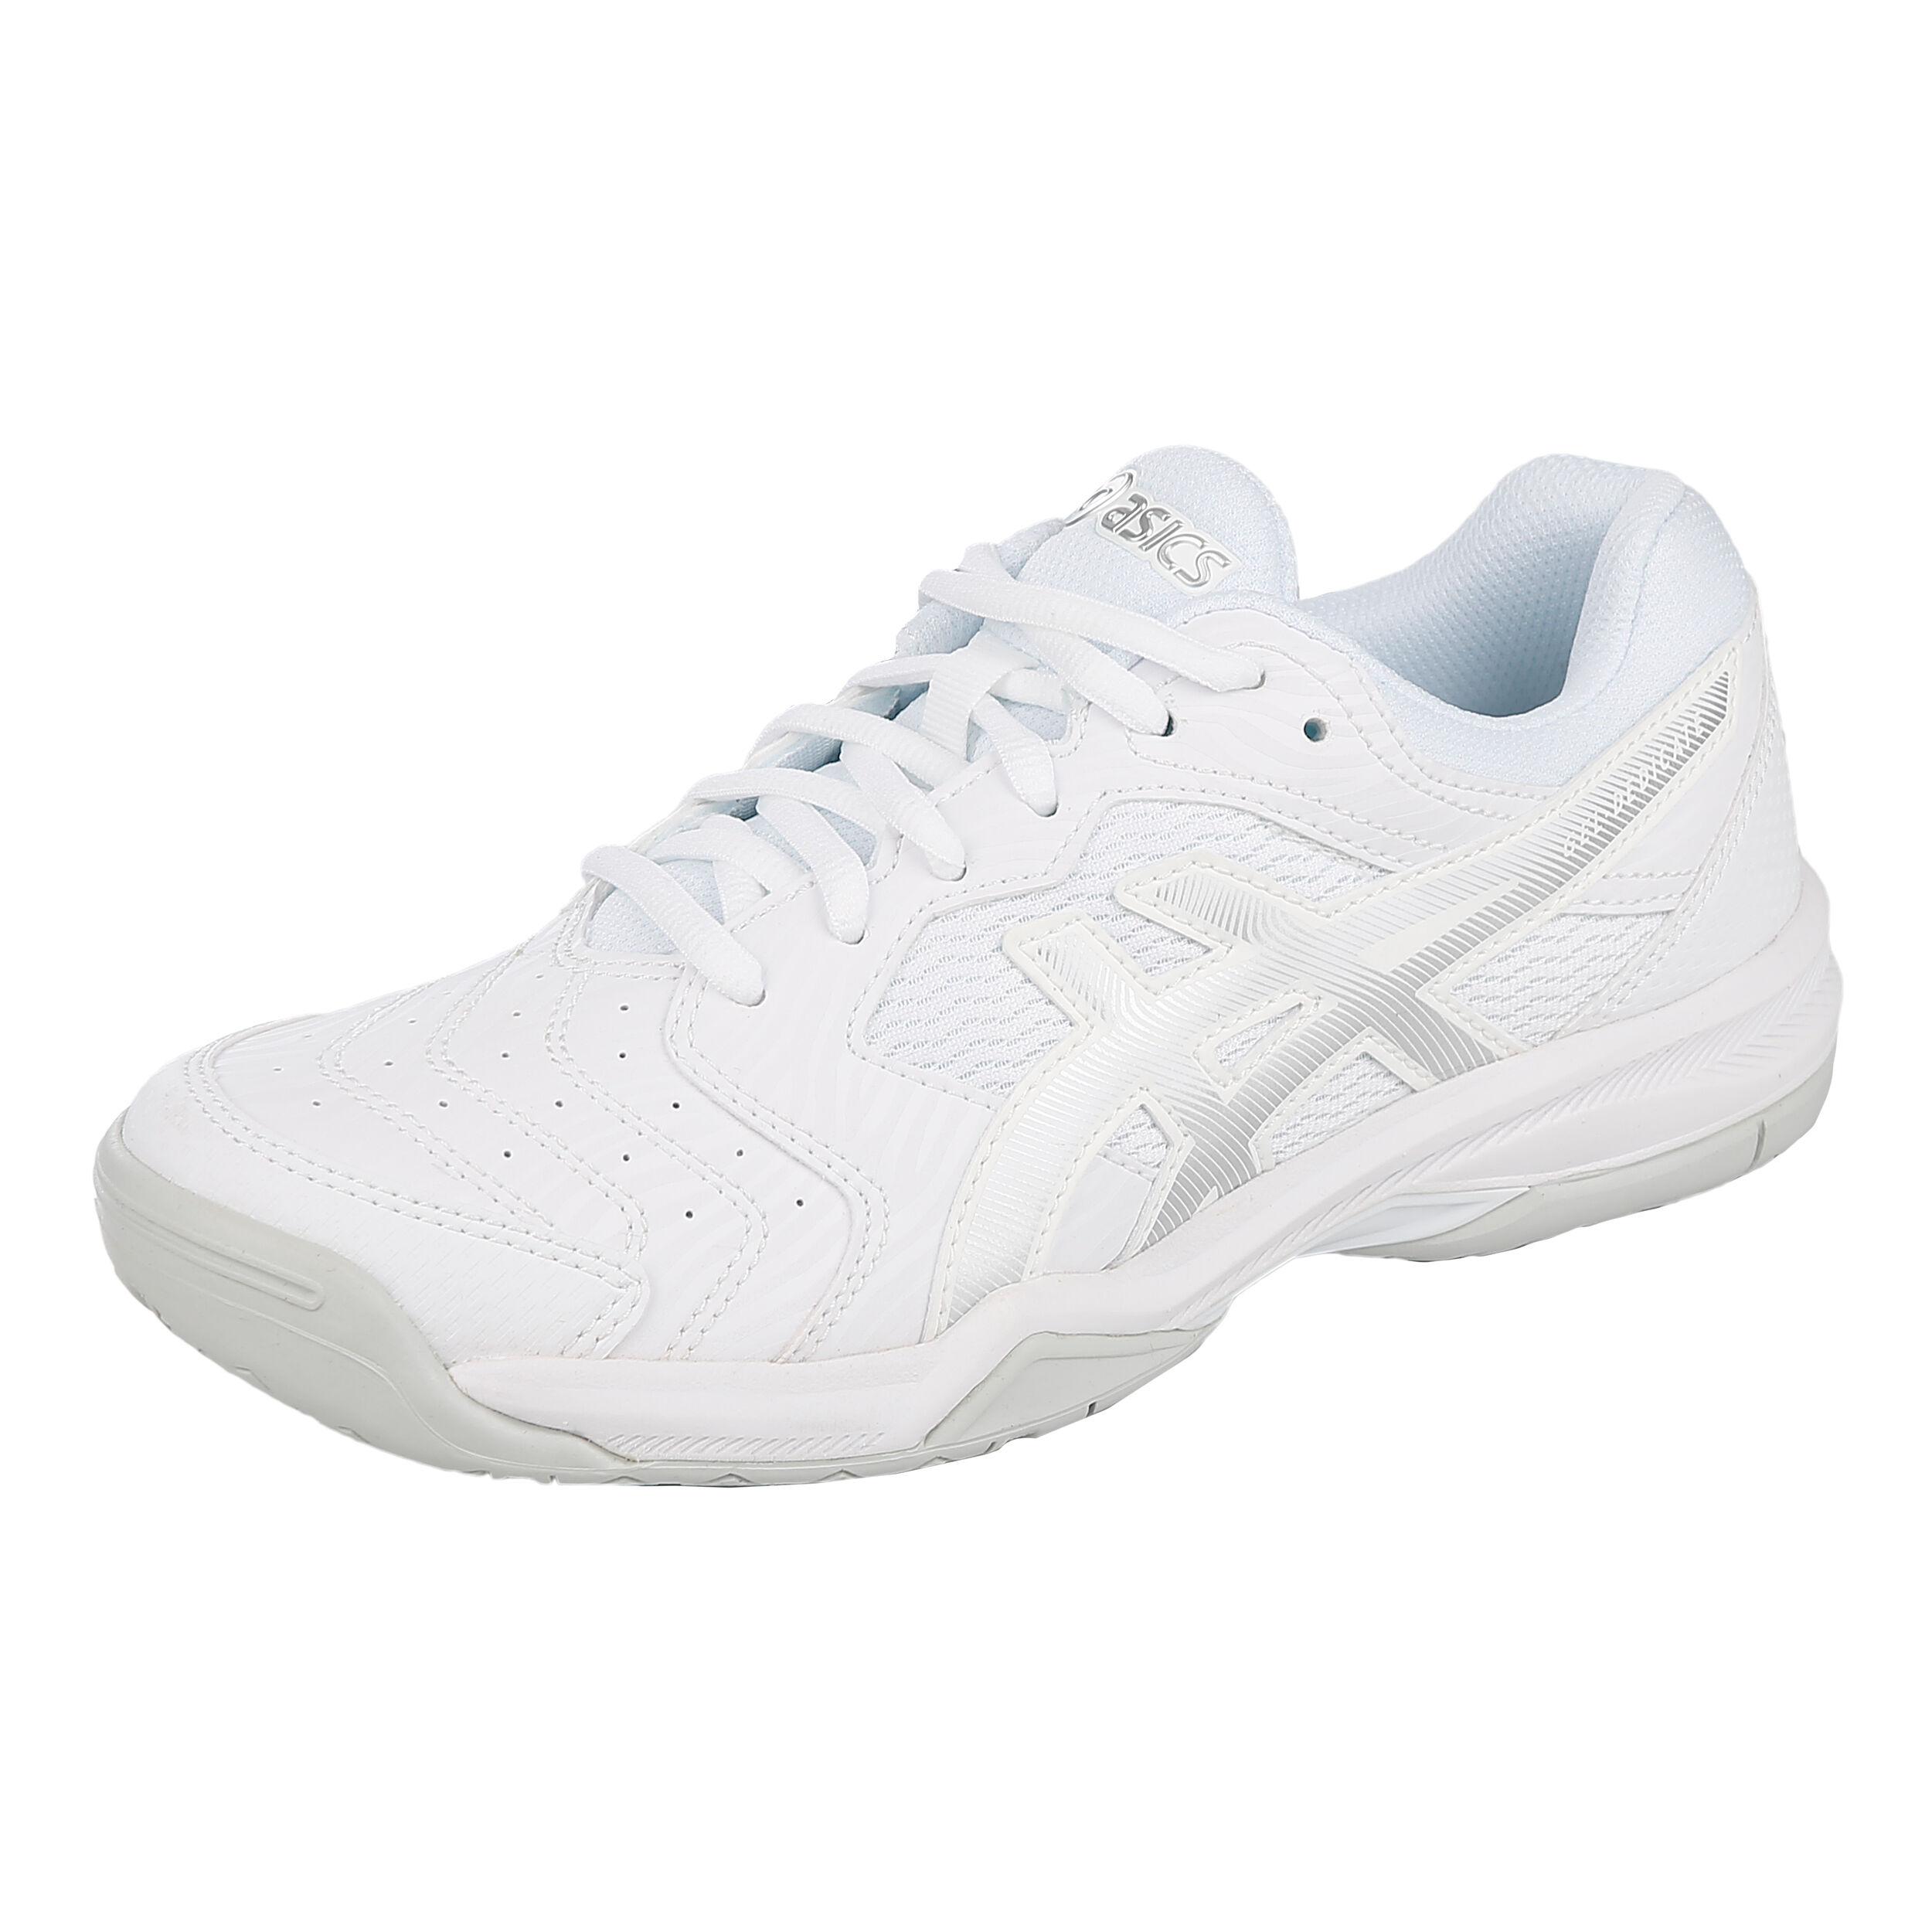 Asics Gel Dedicate 6 Allcourt sko Damer Hvid, Sølv køb